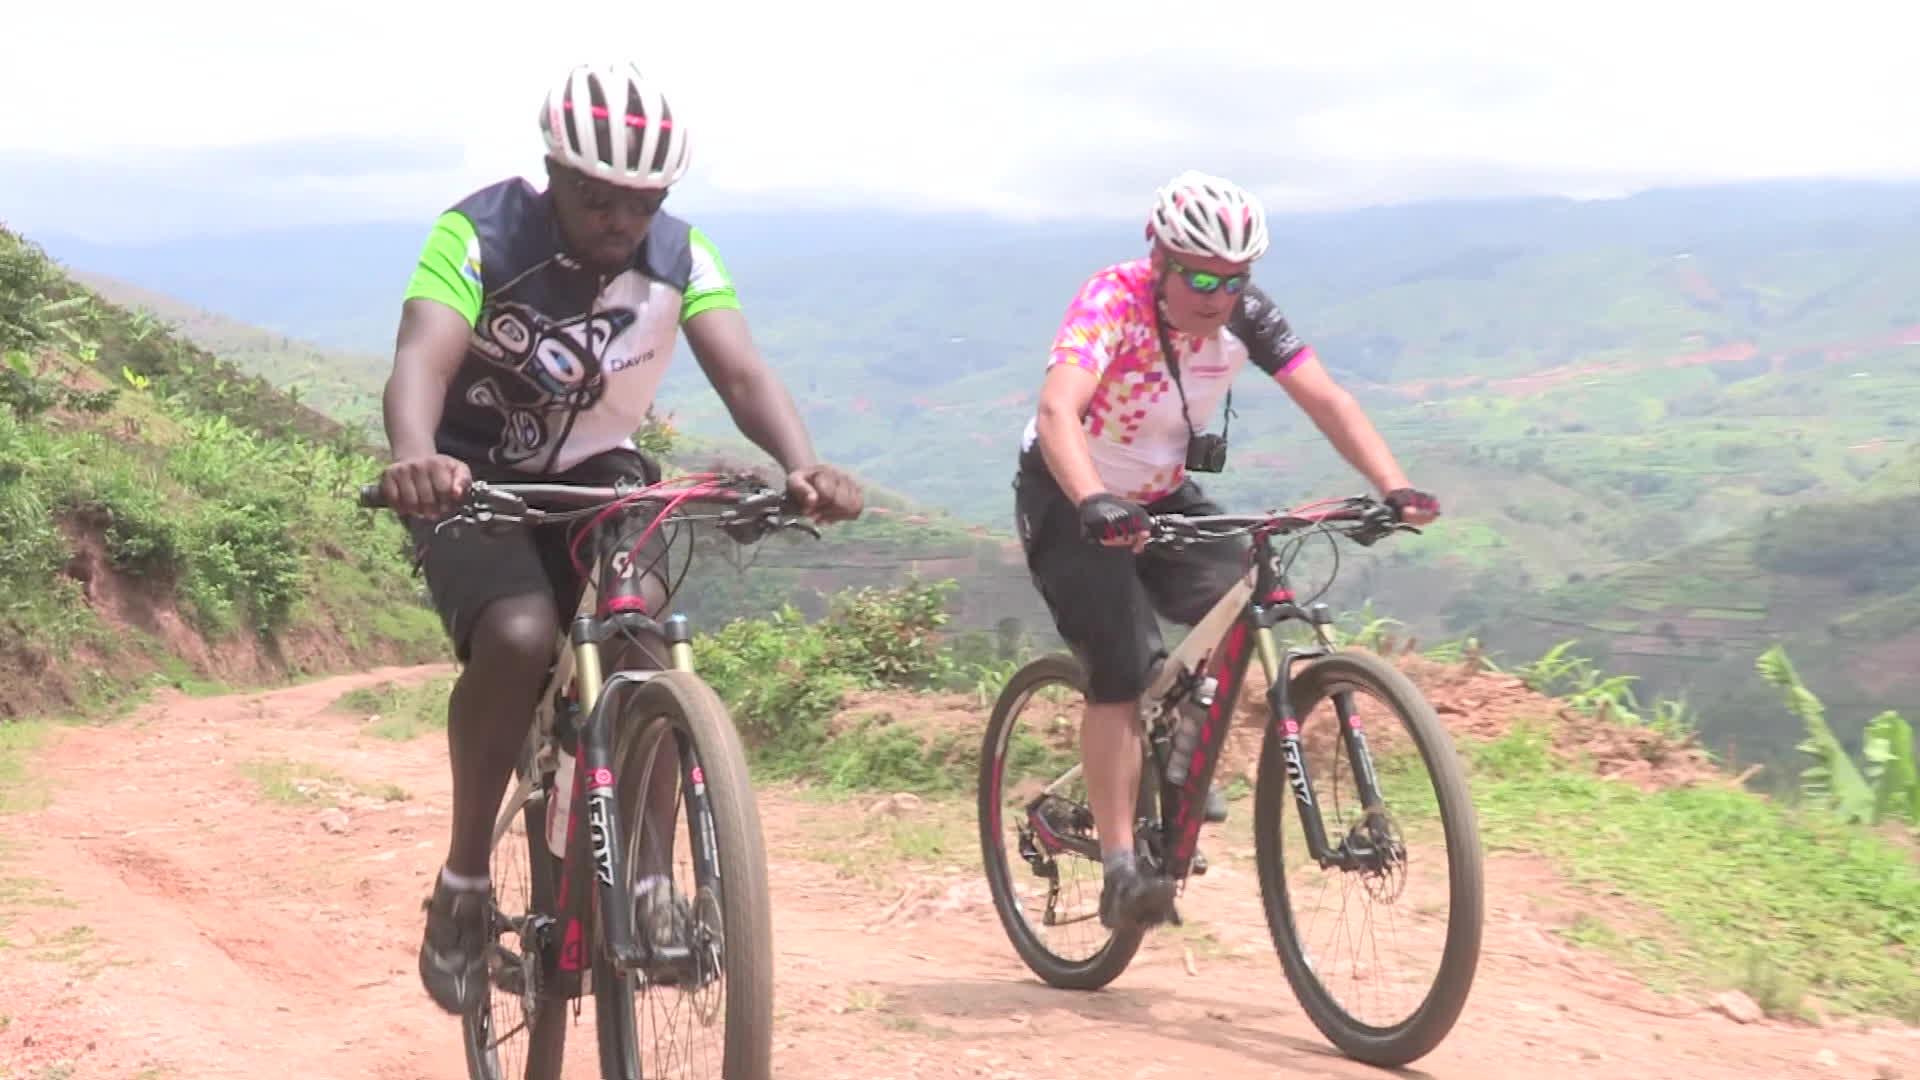 Étape 1 (05/08) : Le Mag - Rwamagana / Rwamagana (104 km)